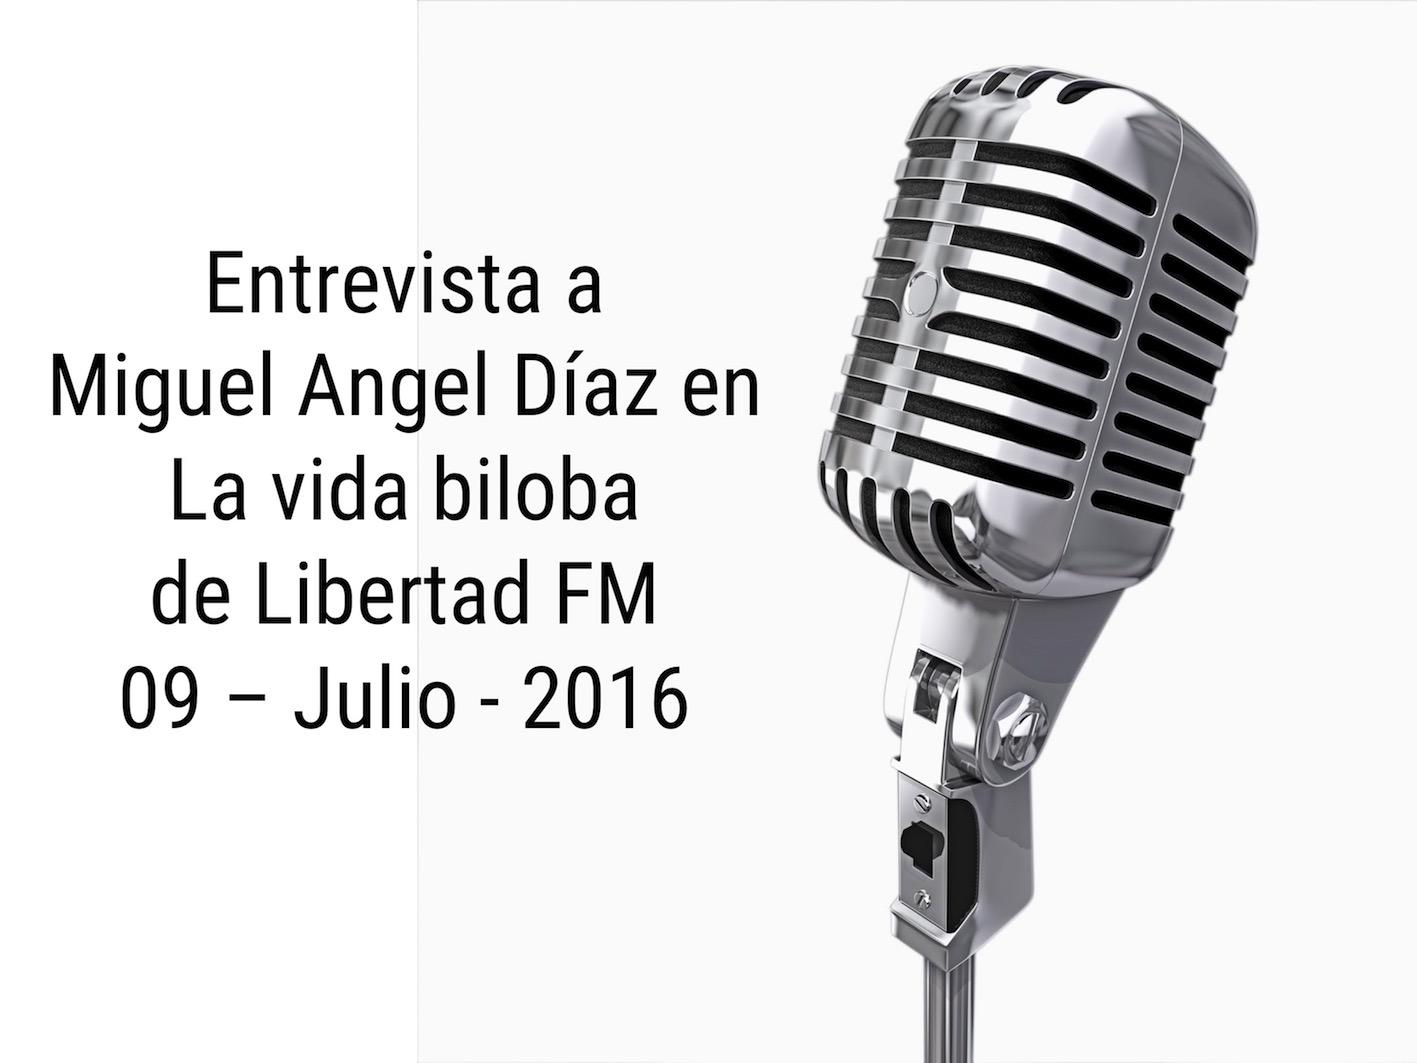 Entrevista en La vida biloba a Miguel Angel Diaz